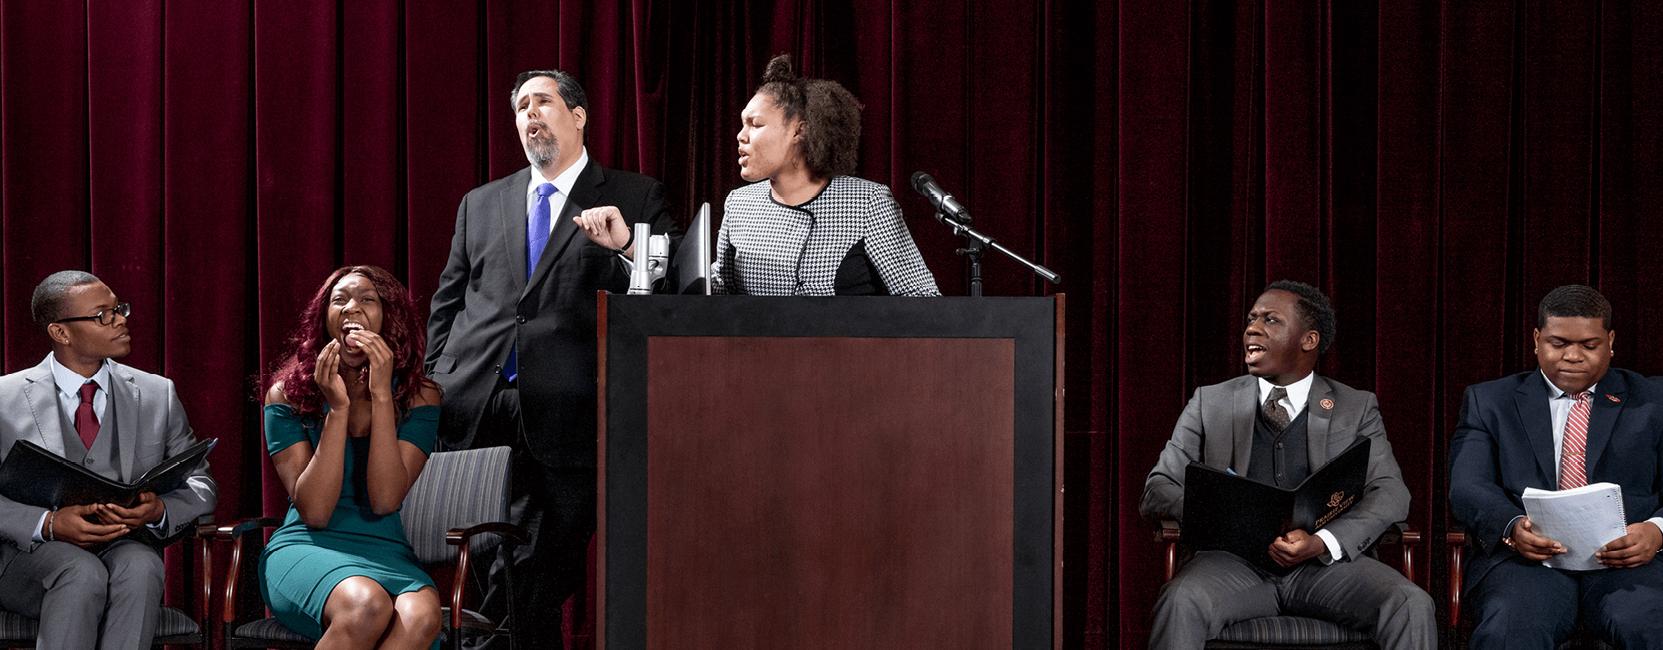 Chris Medina: Restoring Civil Discourse in America